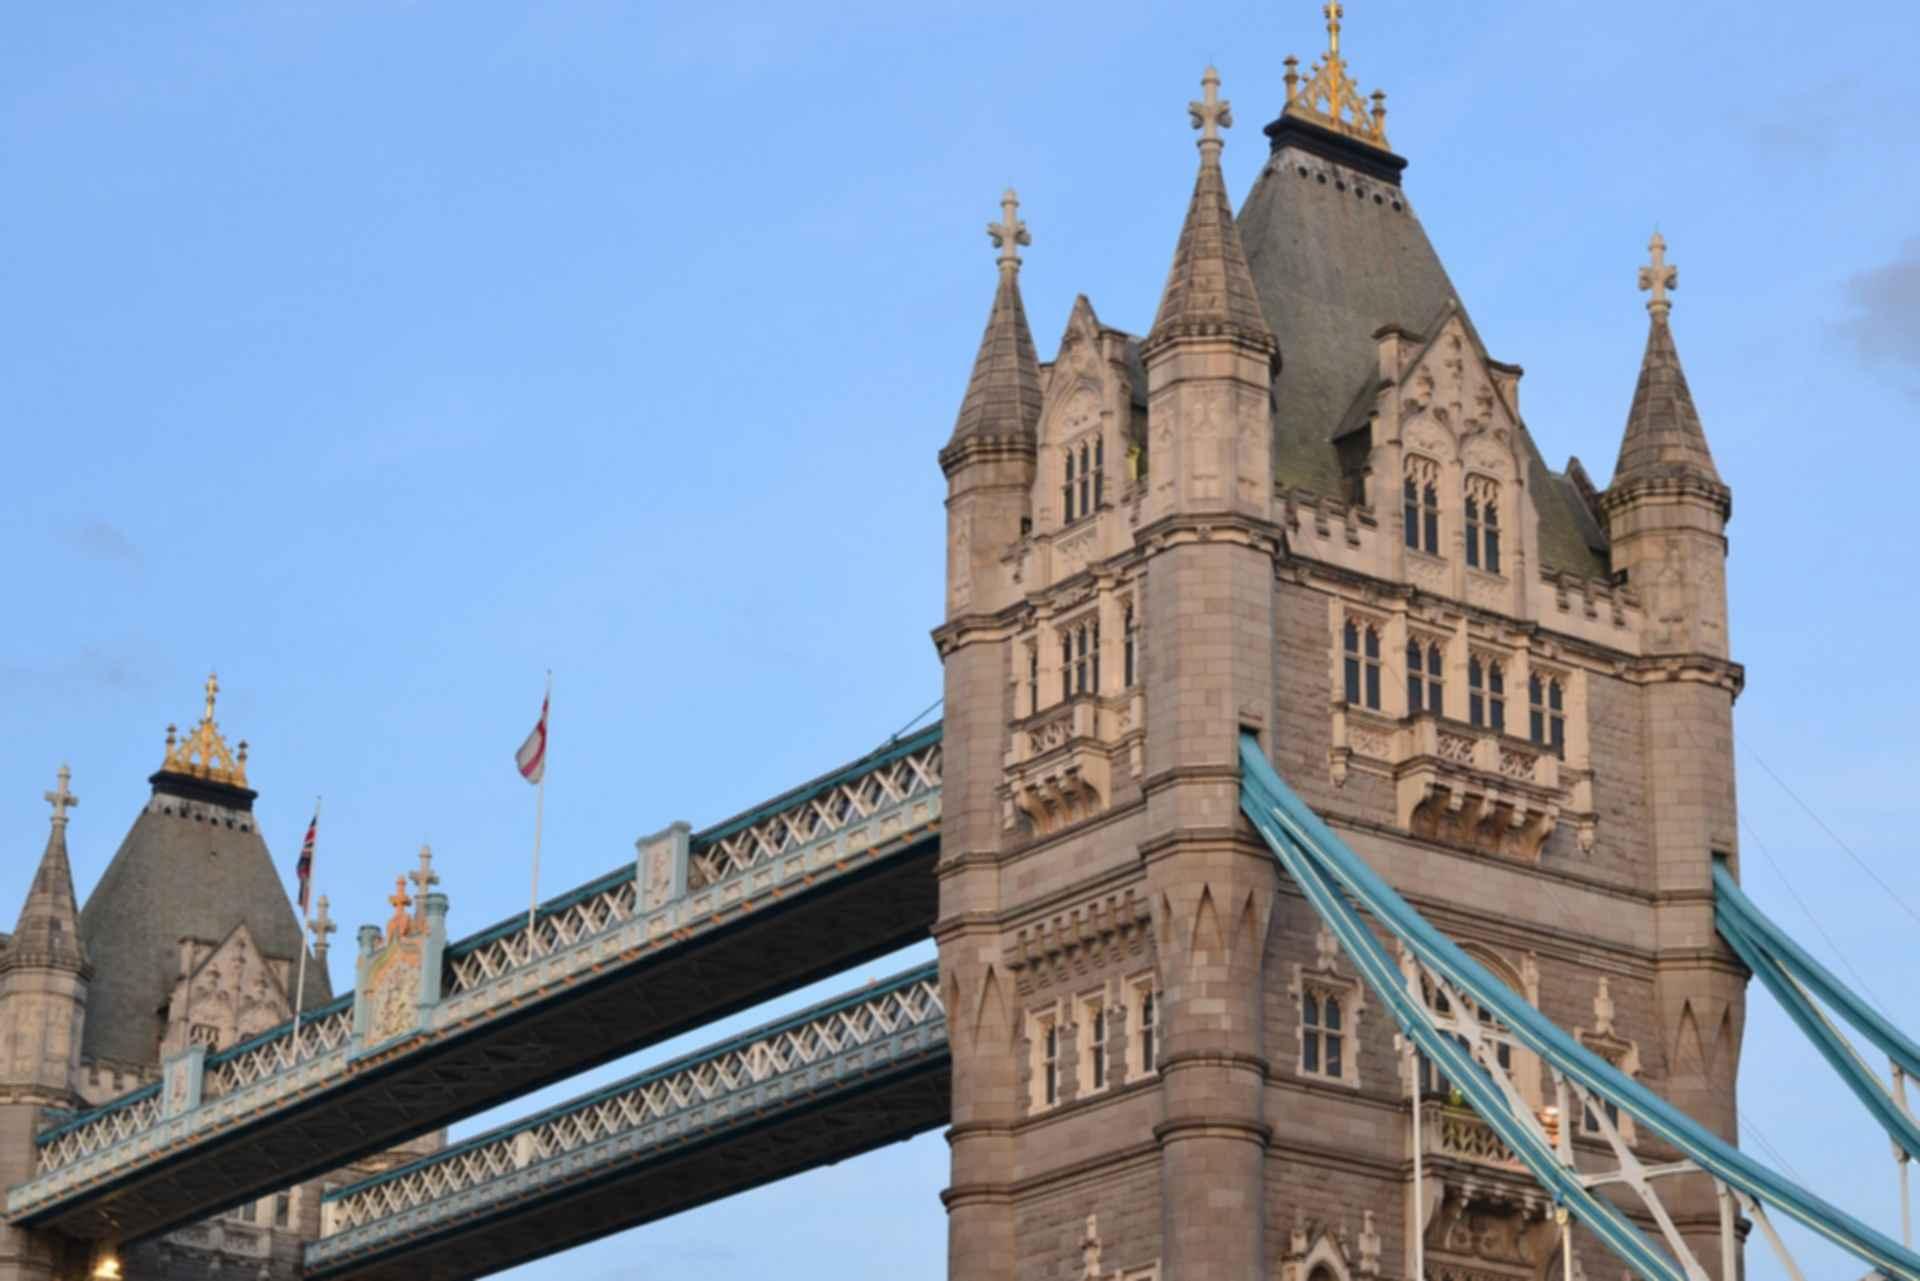 Tower Bridge - Detail